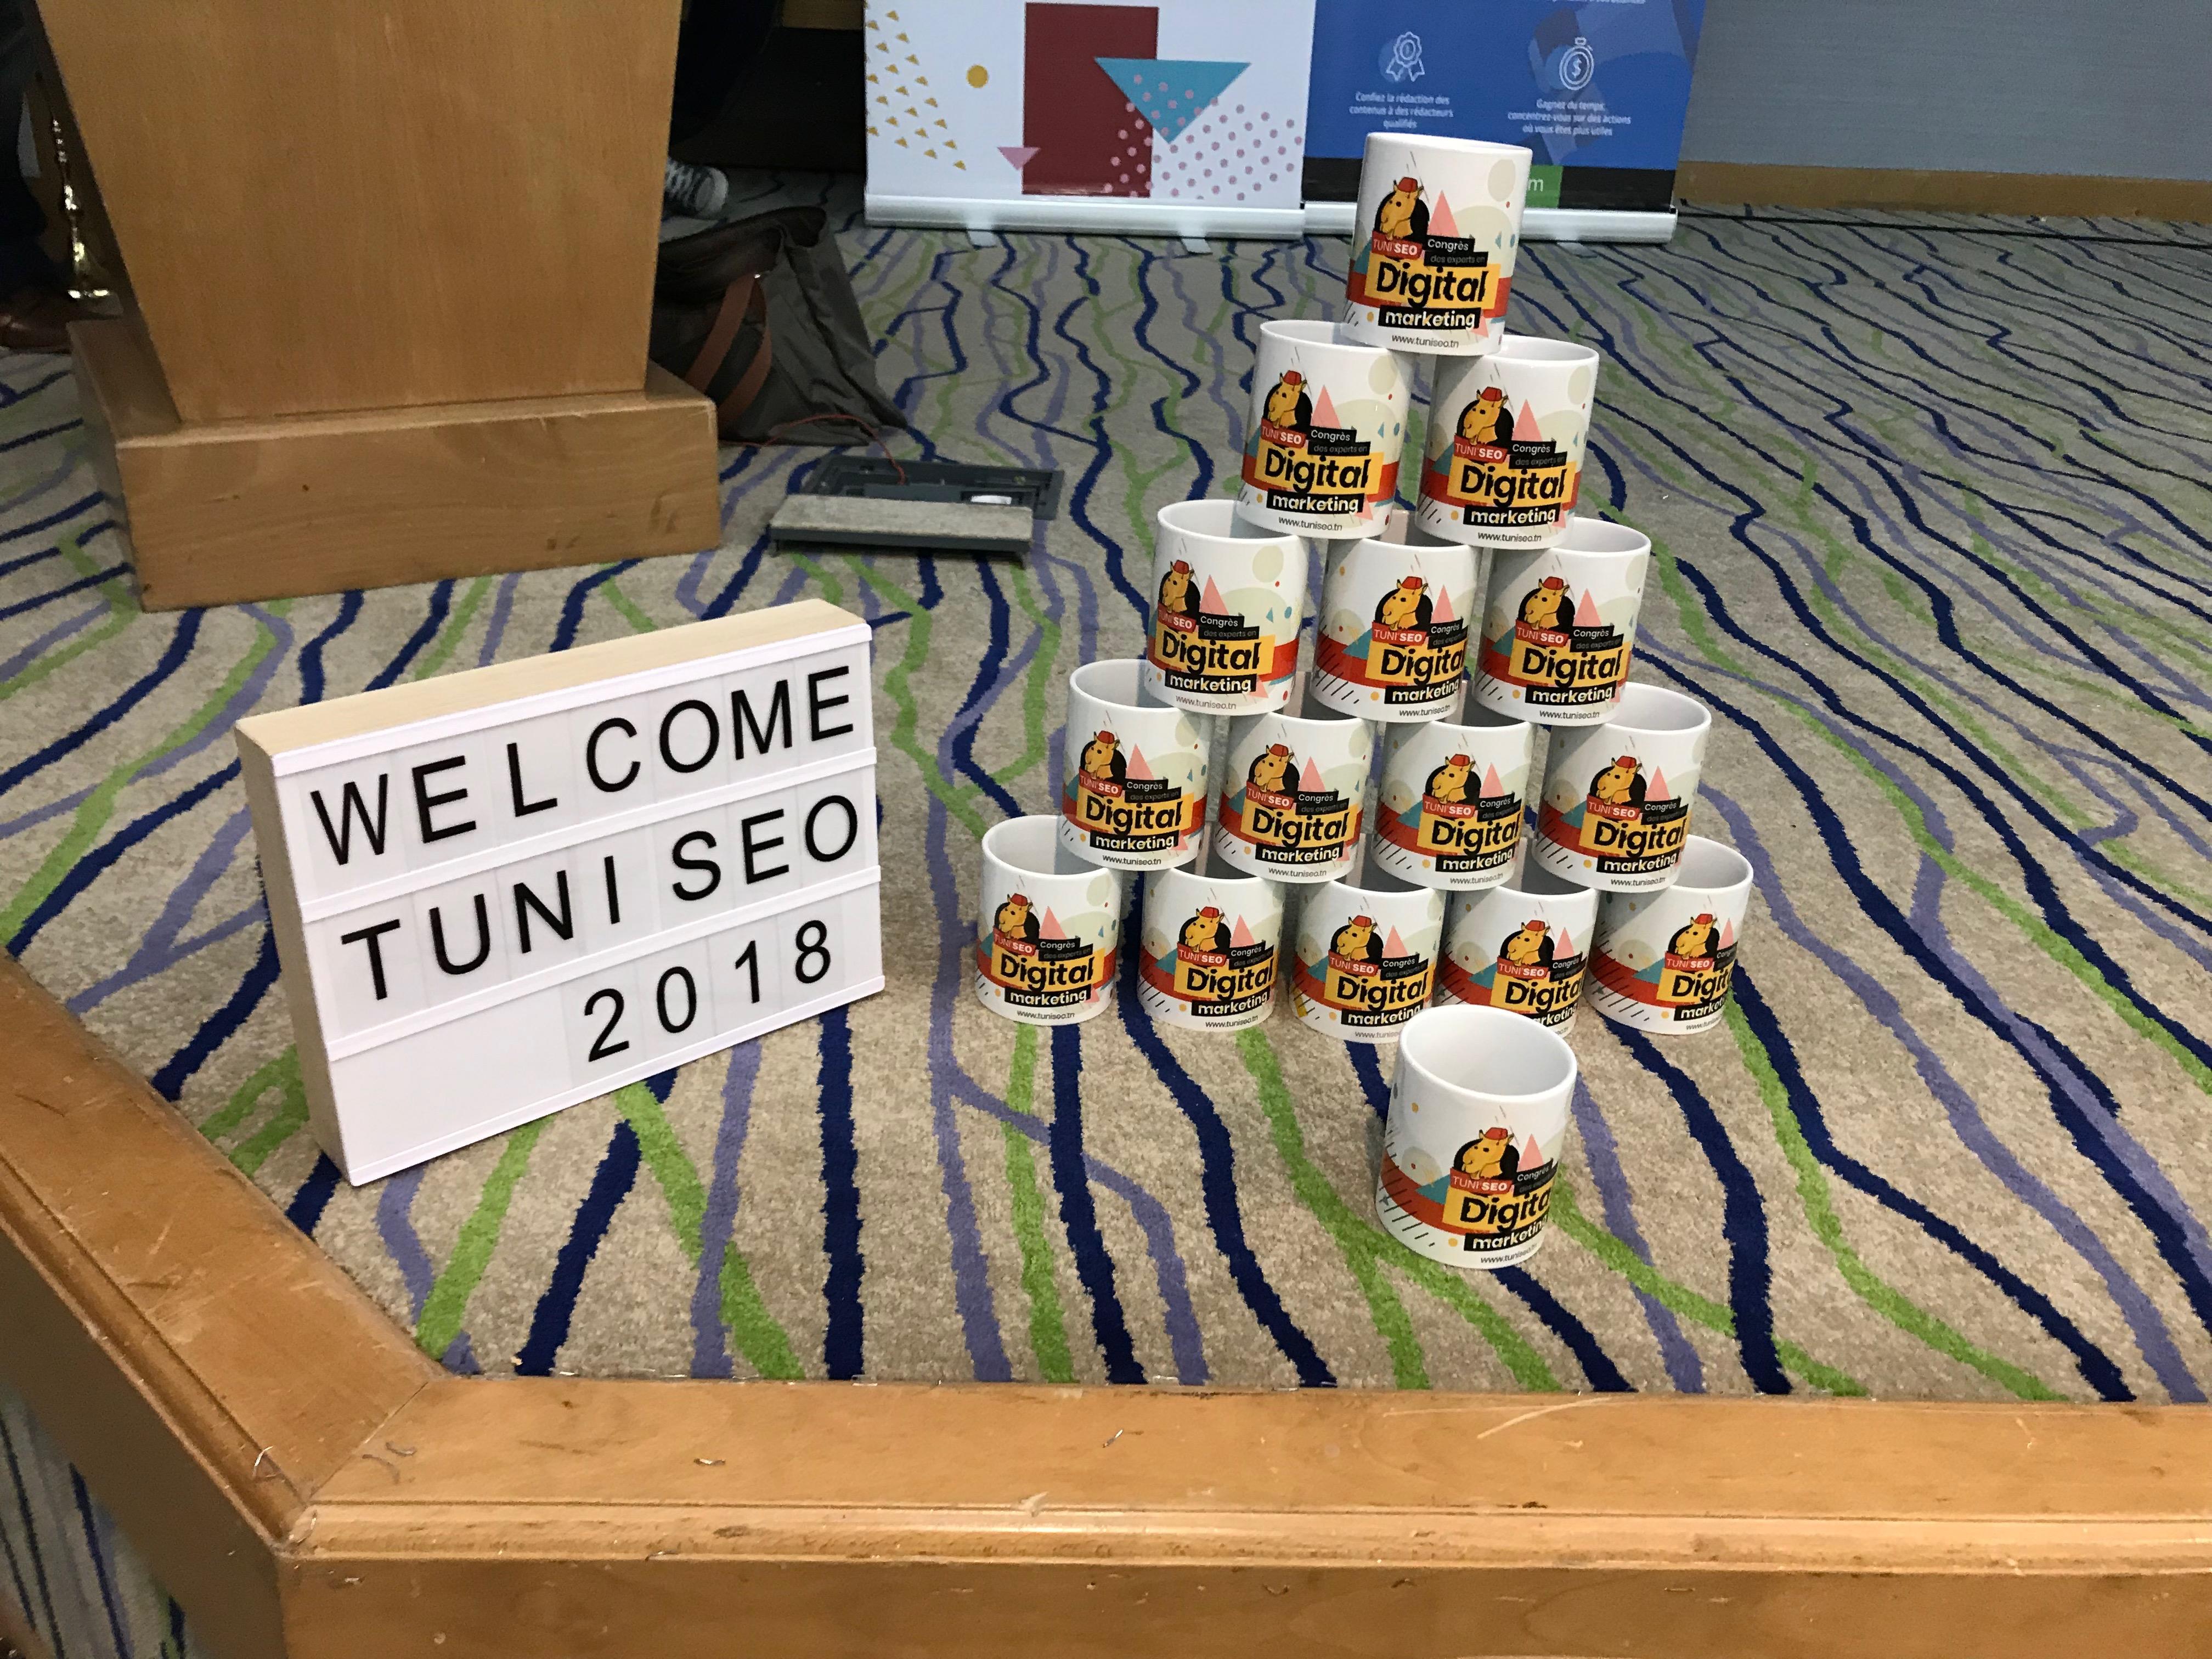 Tuniseo 2018